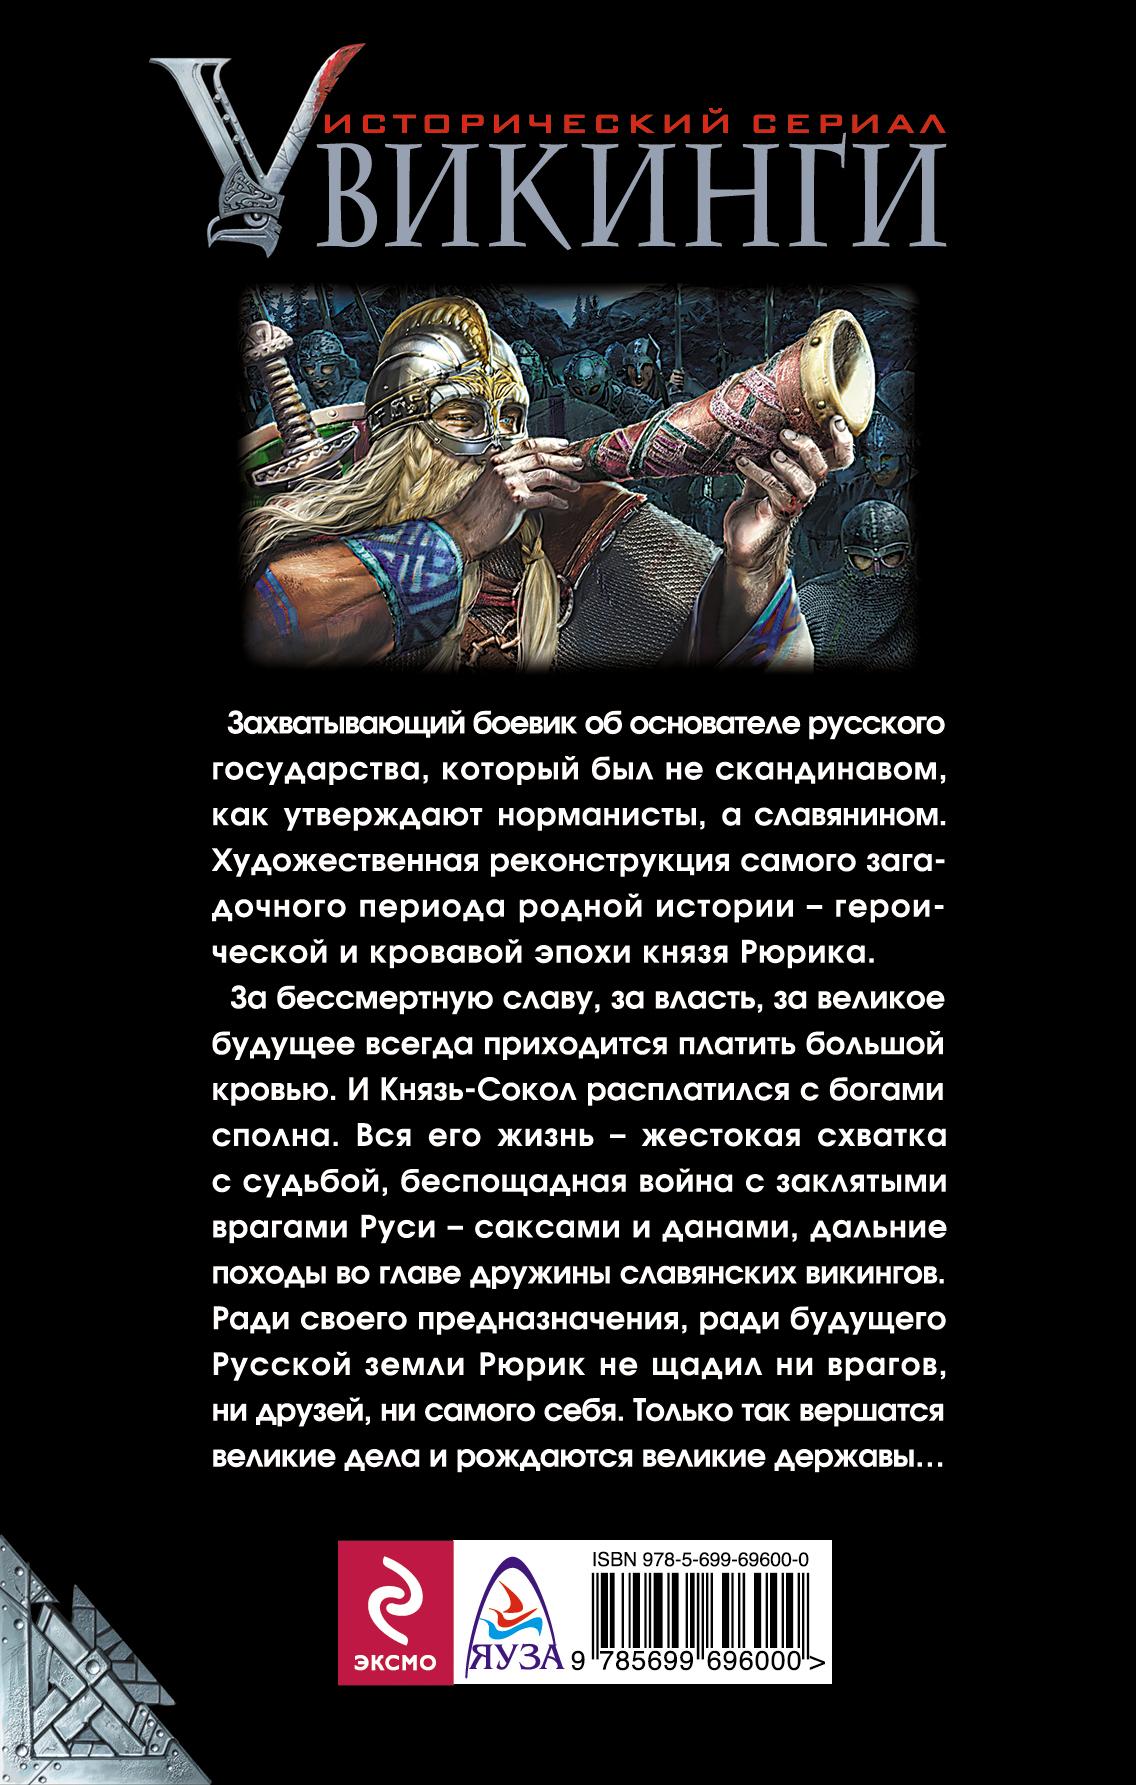 Славянский викинг Рюрик. Кровь героев